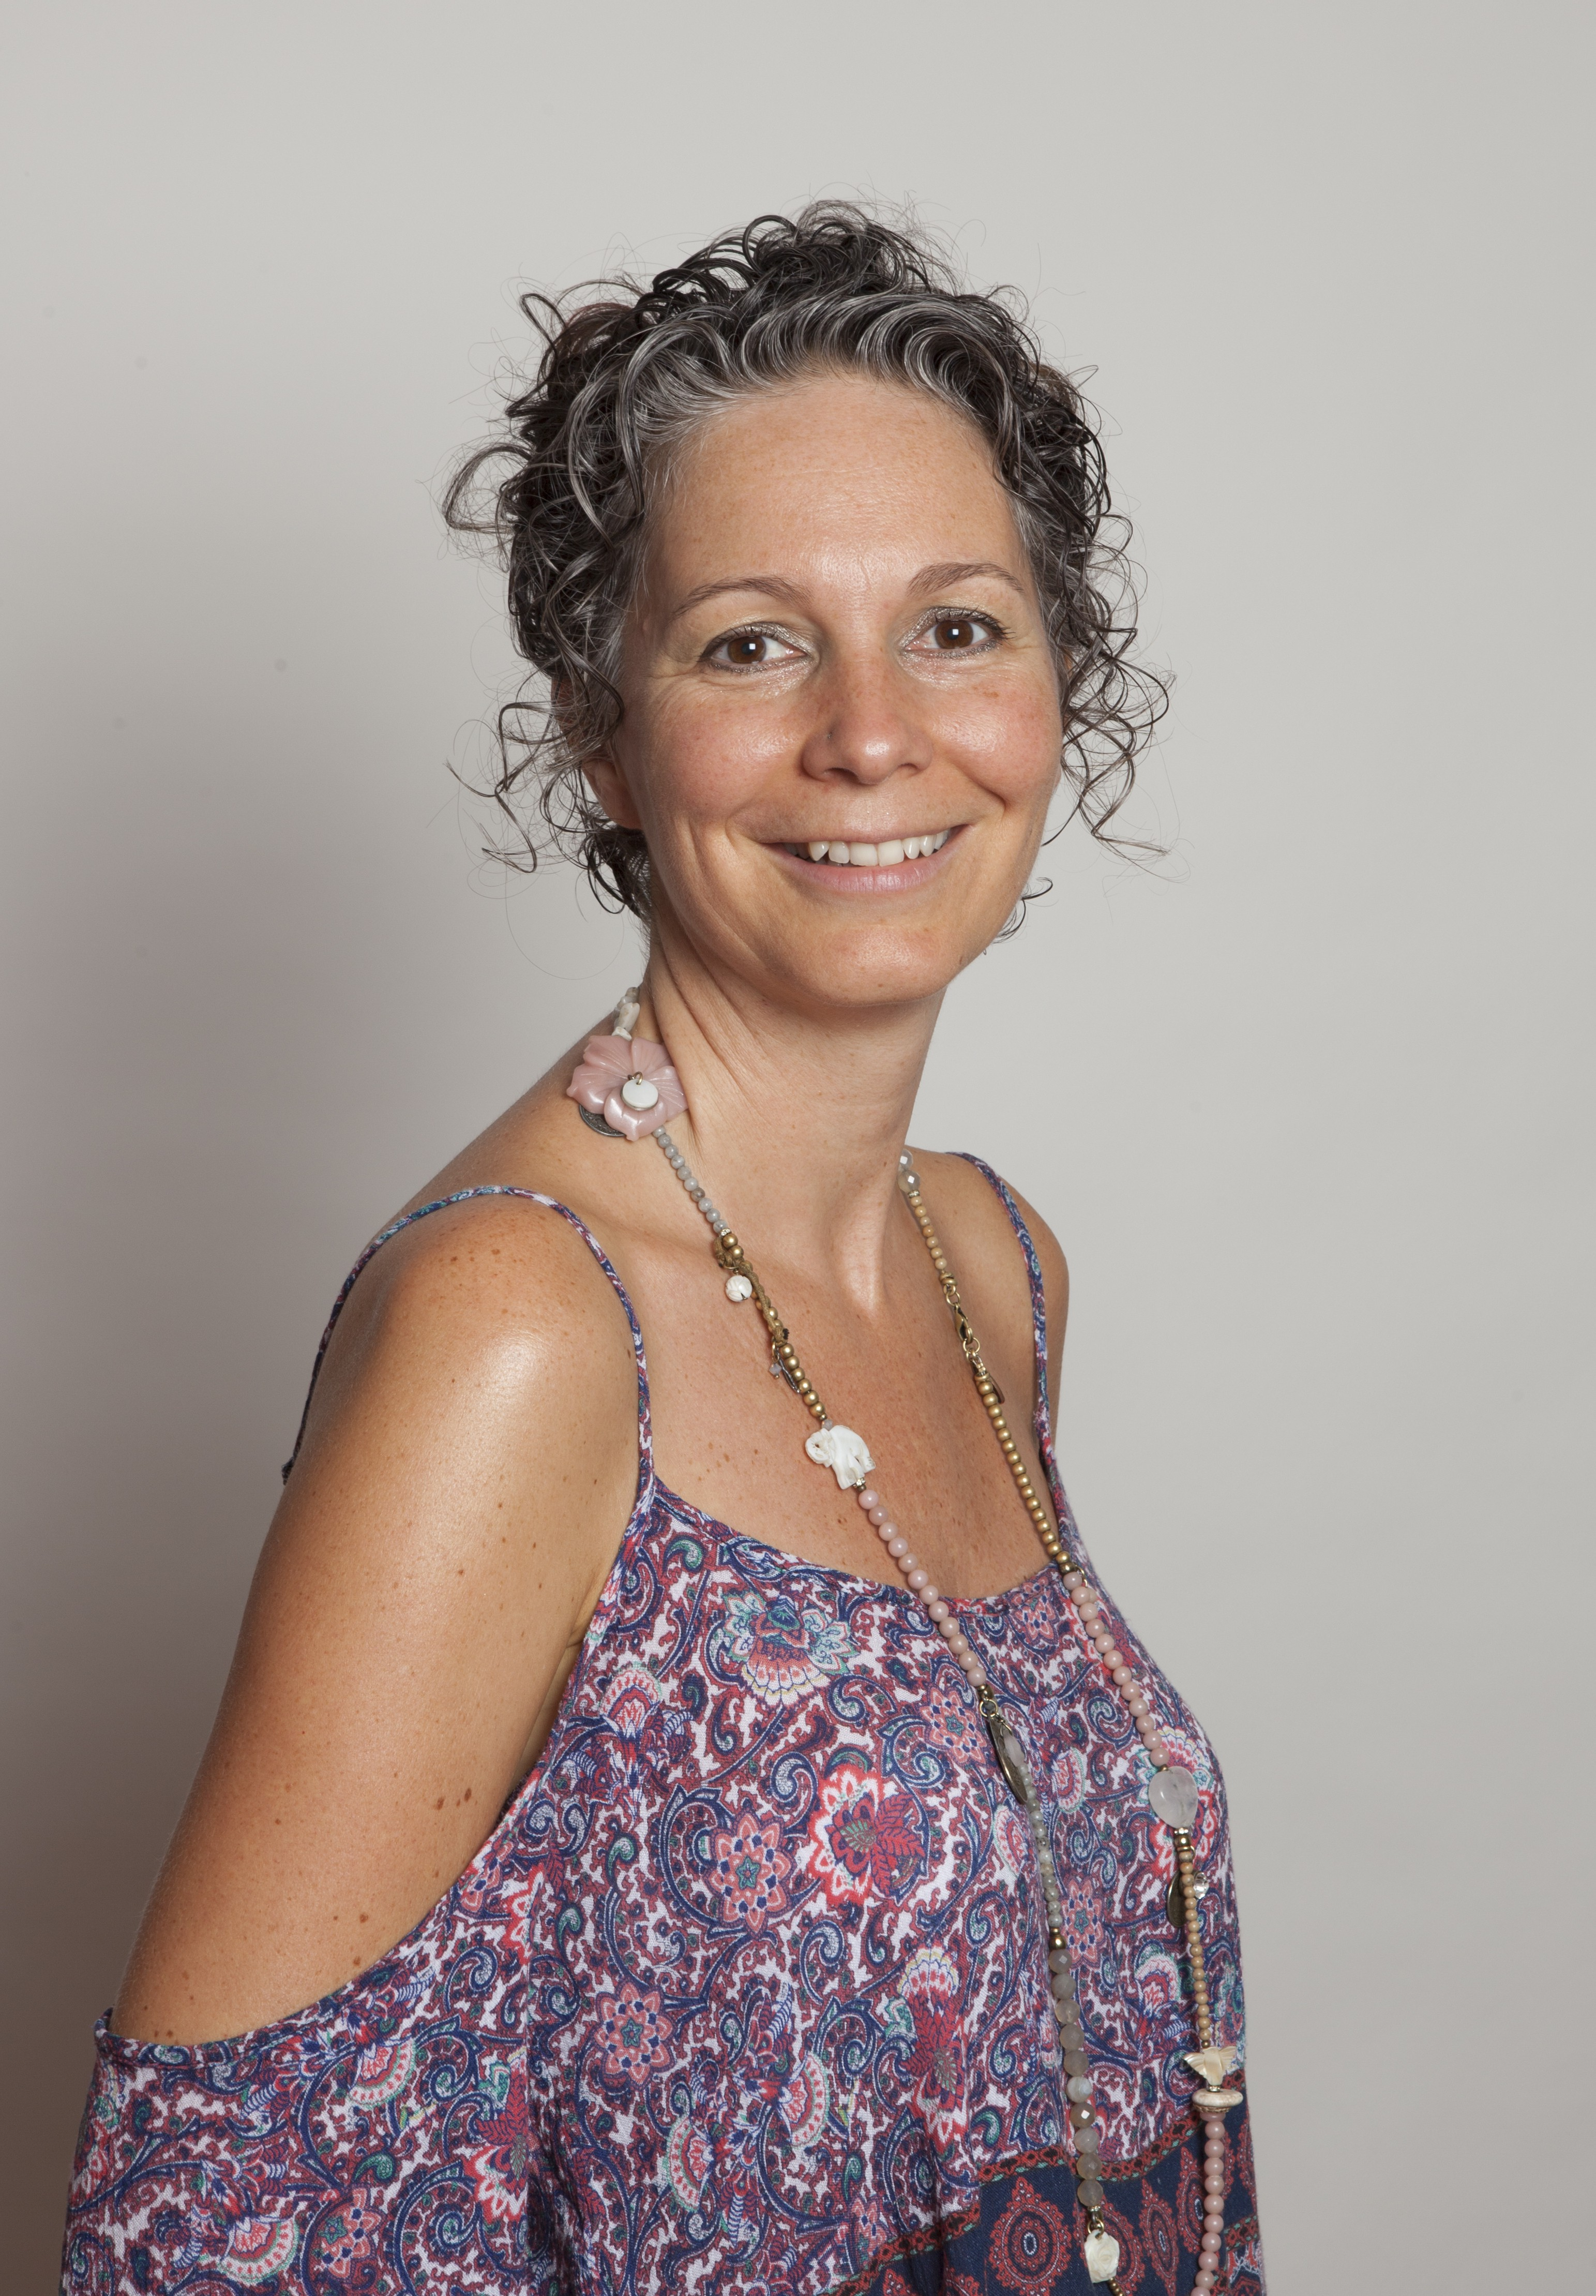 Pamela Grossenbacher